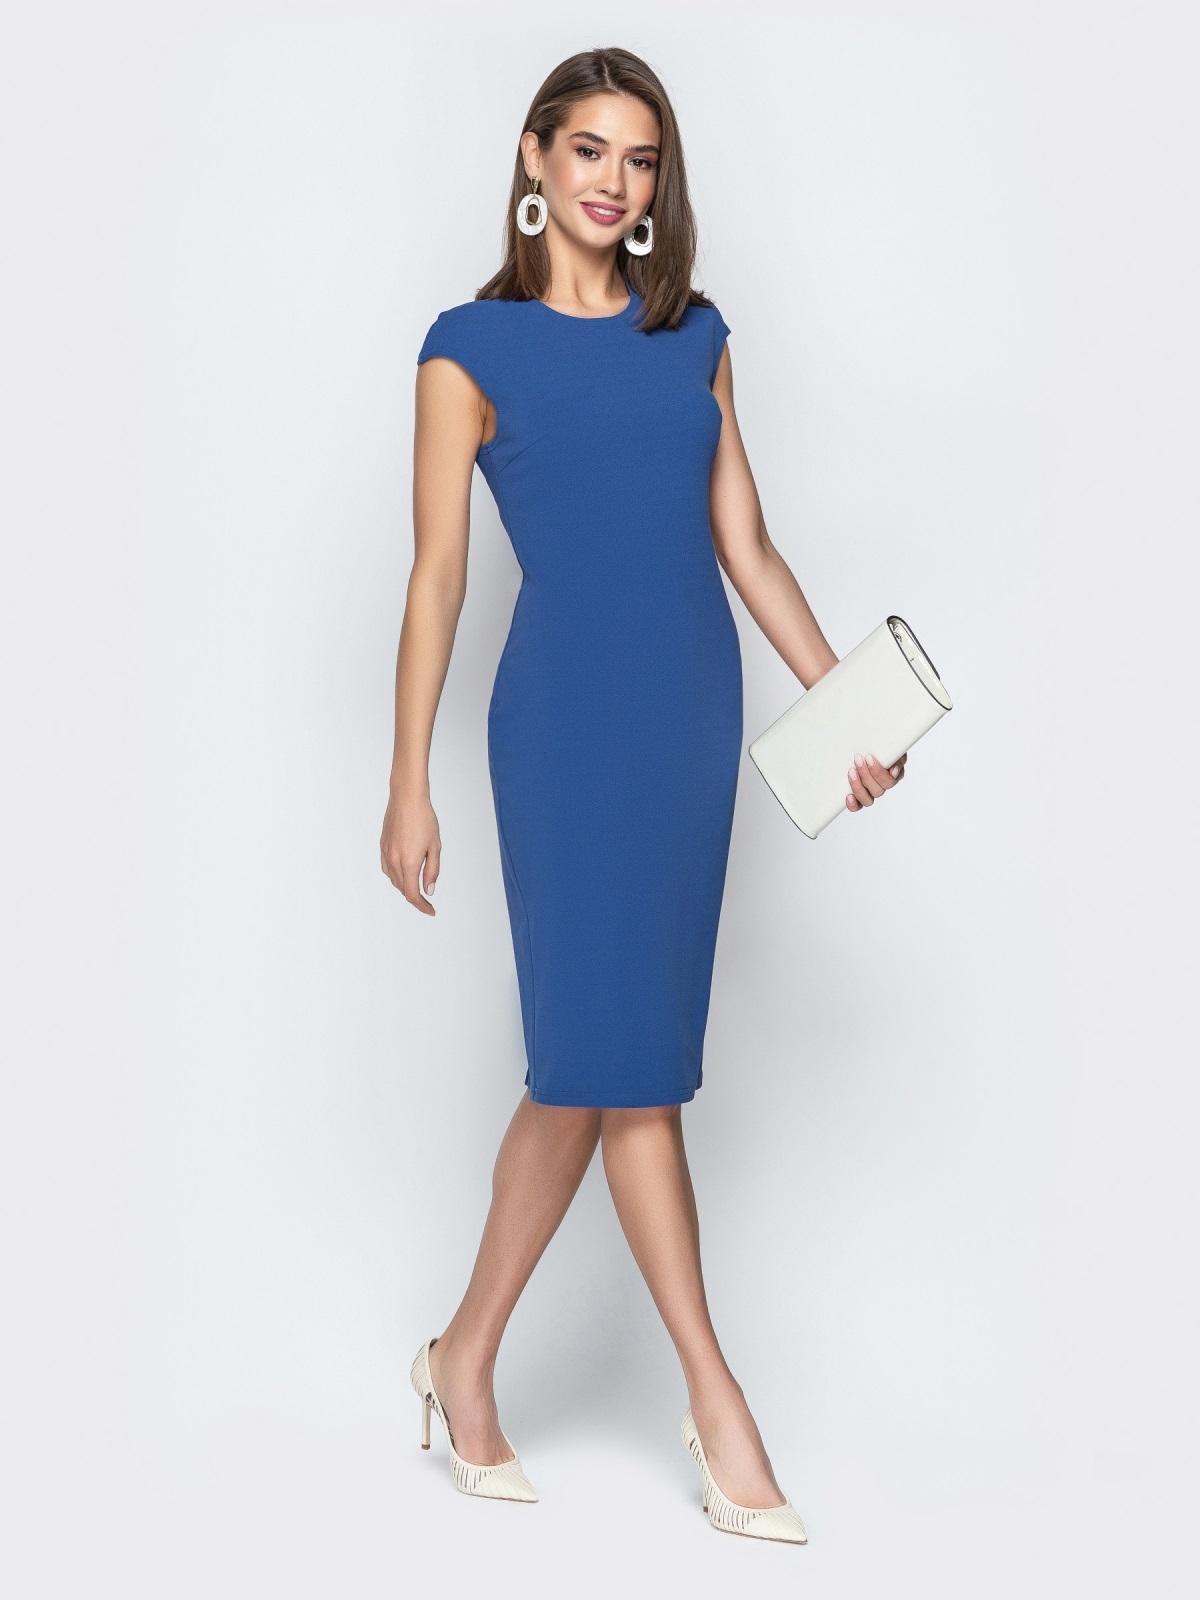 7878c3593a1 Классическое платье-футляр из креп-дайвинга синее 21011 – купить в ...